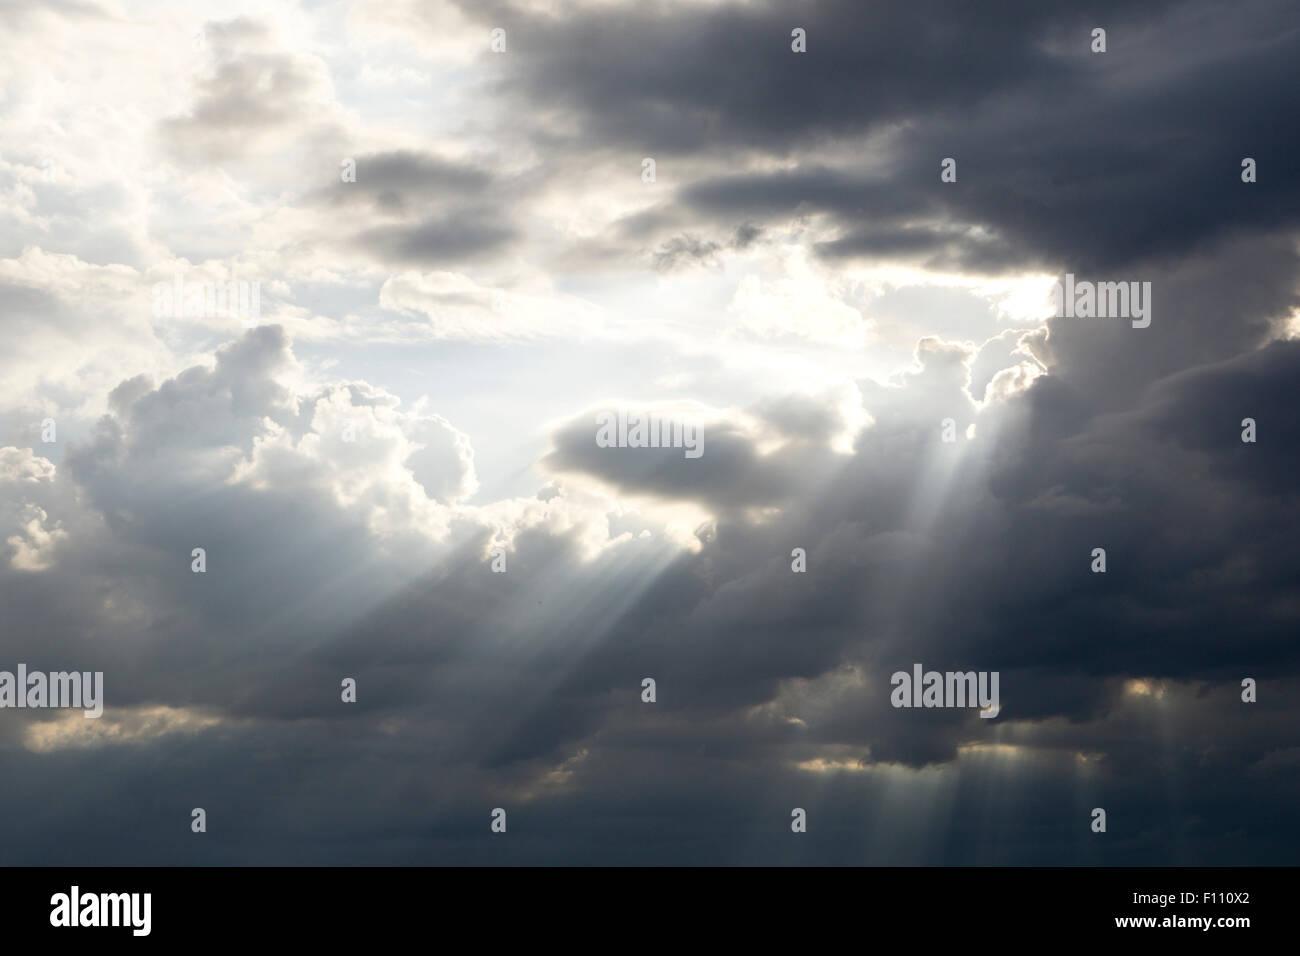 La lumière du soleil qui brillait à travers les arbres de nuage noir Photo Stock